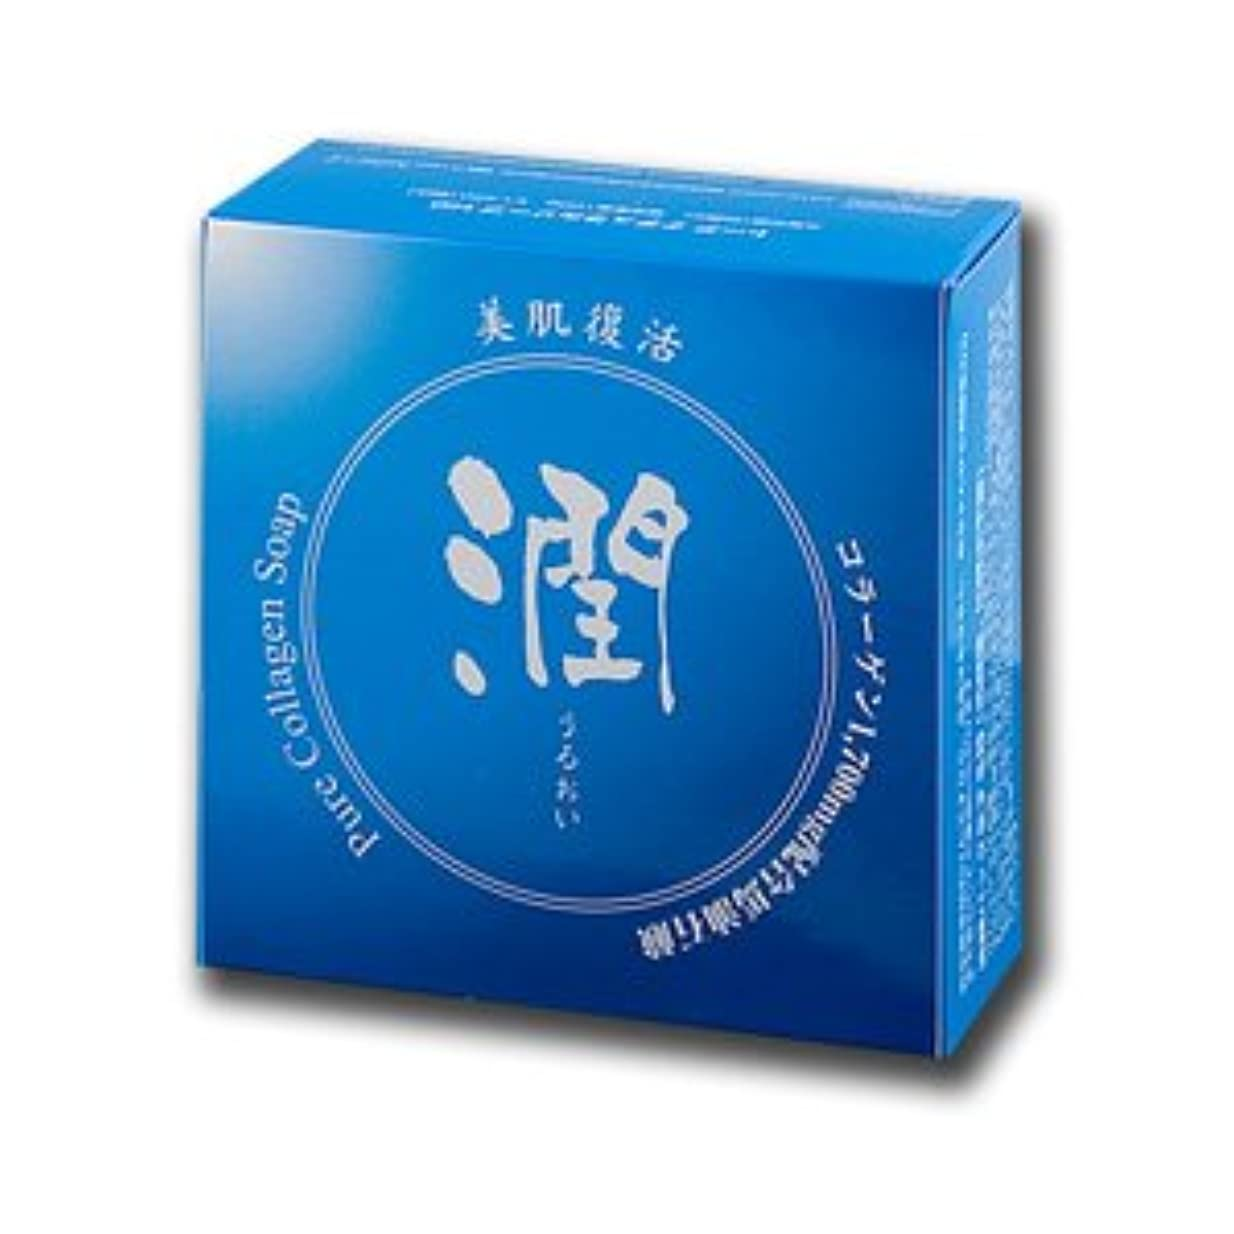 スクラッチ収束する夕方コラーゲン馬油石鹸 潤 100g (#800410) ×3個セット